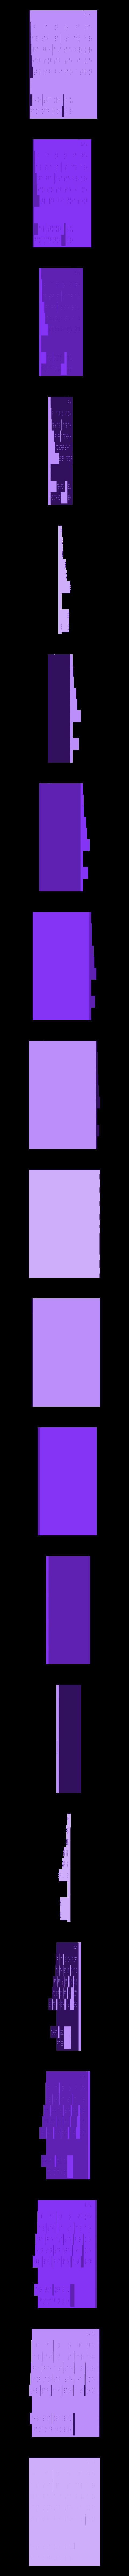 new_Braille_density_table2Cut3.stl Télécharger fichier STL gratuit Amélioration du tableau périodique en braille (densité) • Modèle imprimable en 3D, Durbarod